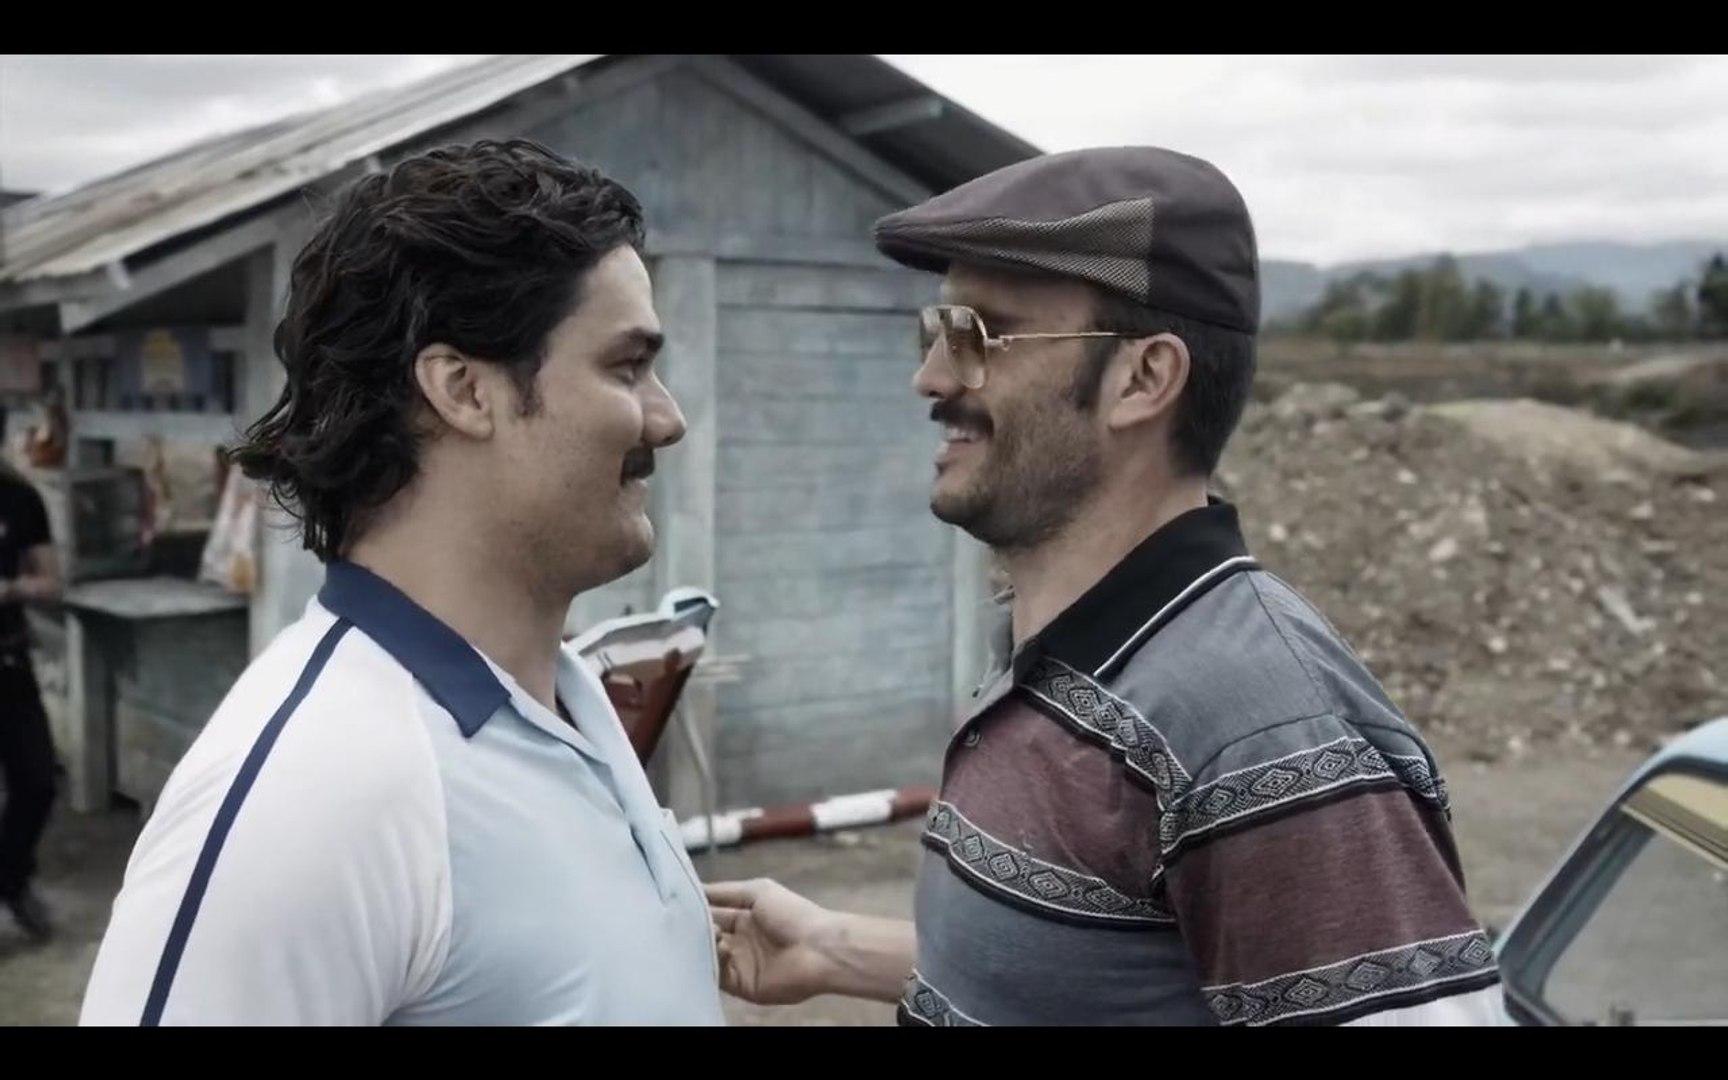 Narcos Season 3 Episode 8 Watch online english subtitles